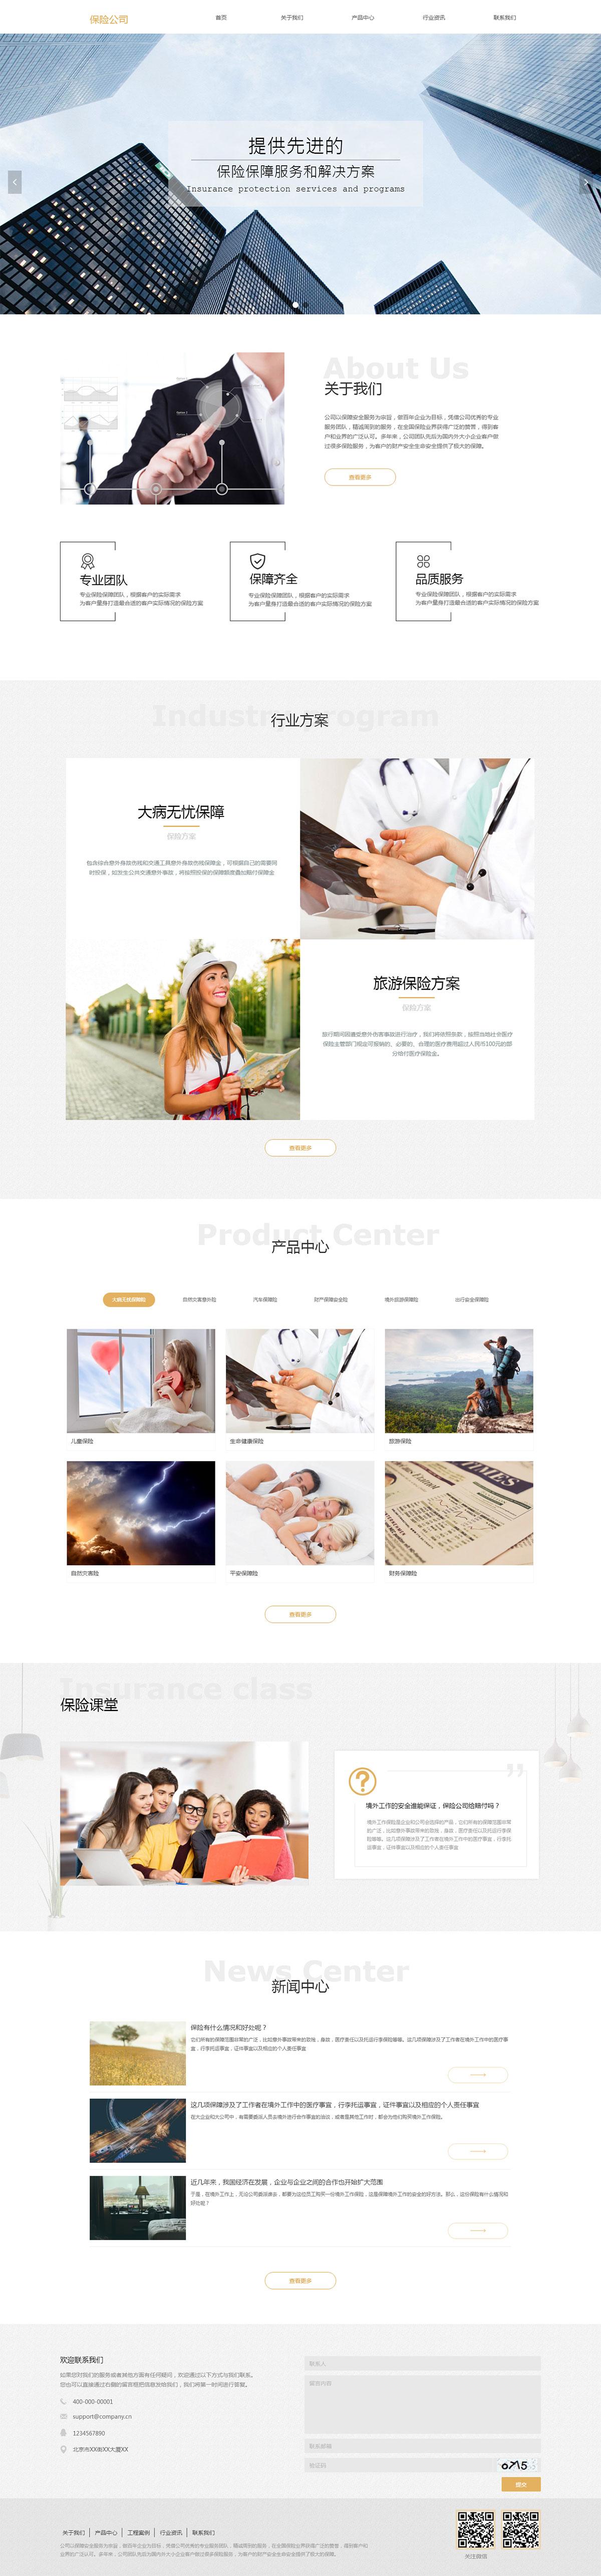 保险公司网站项目案例